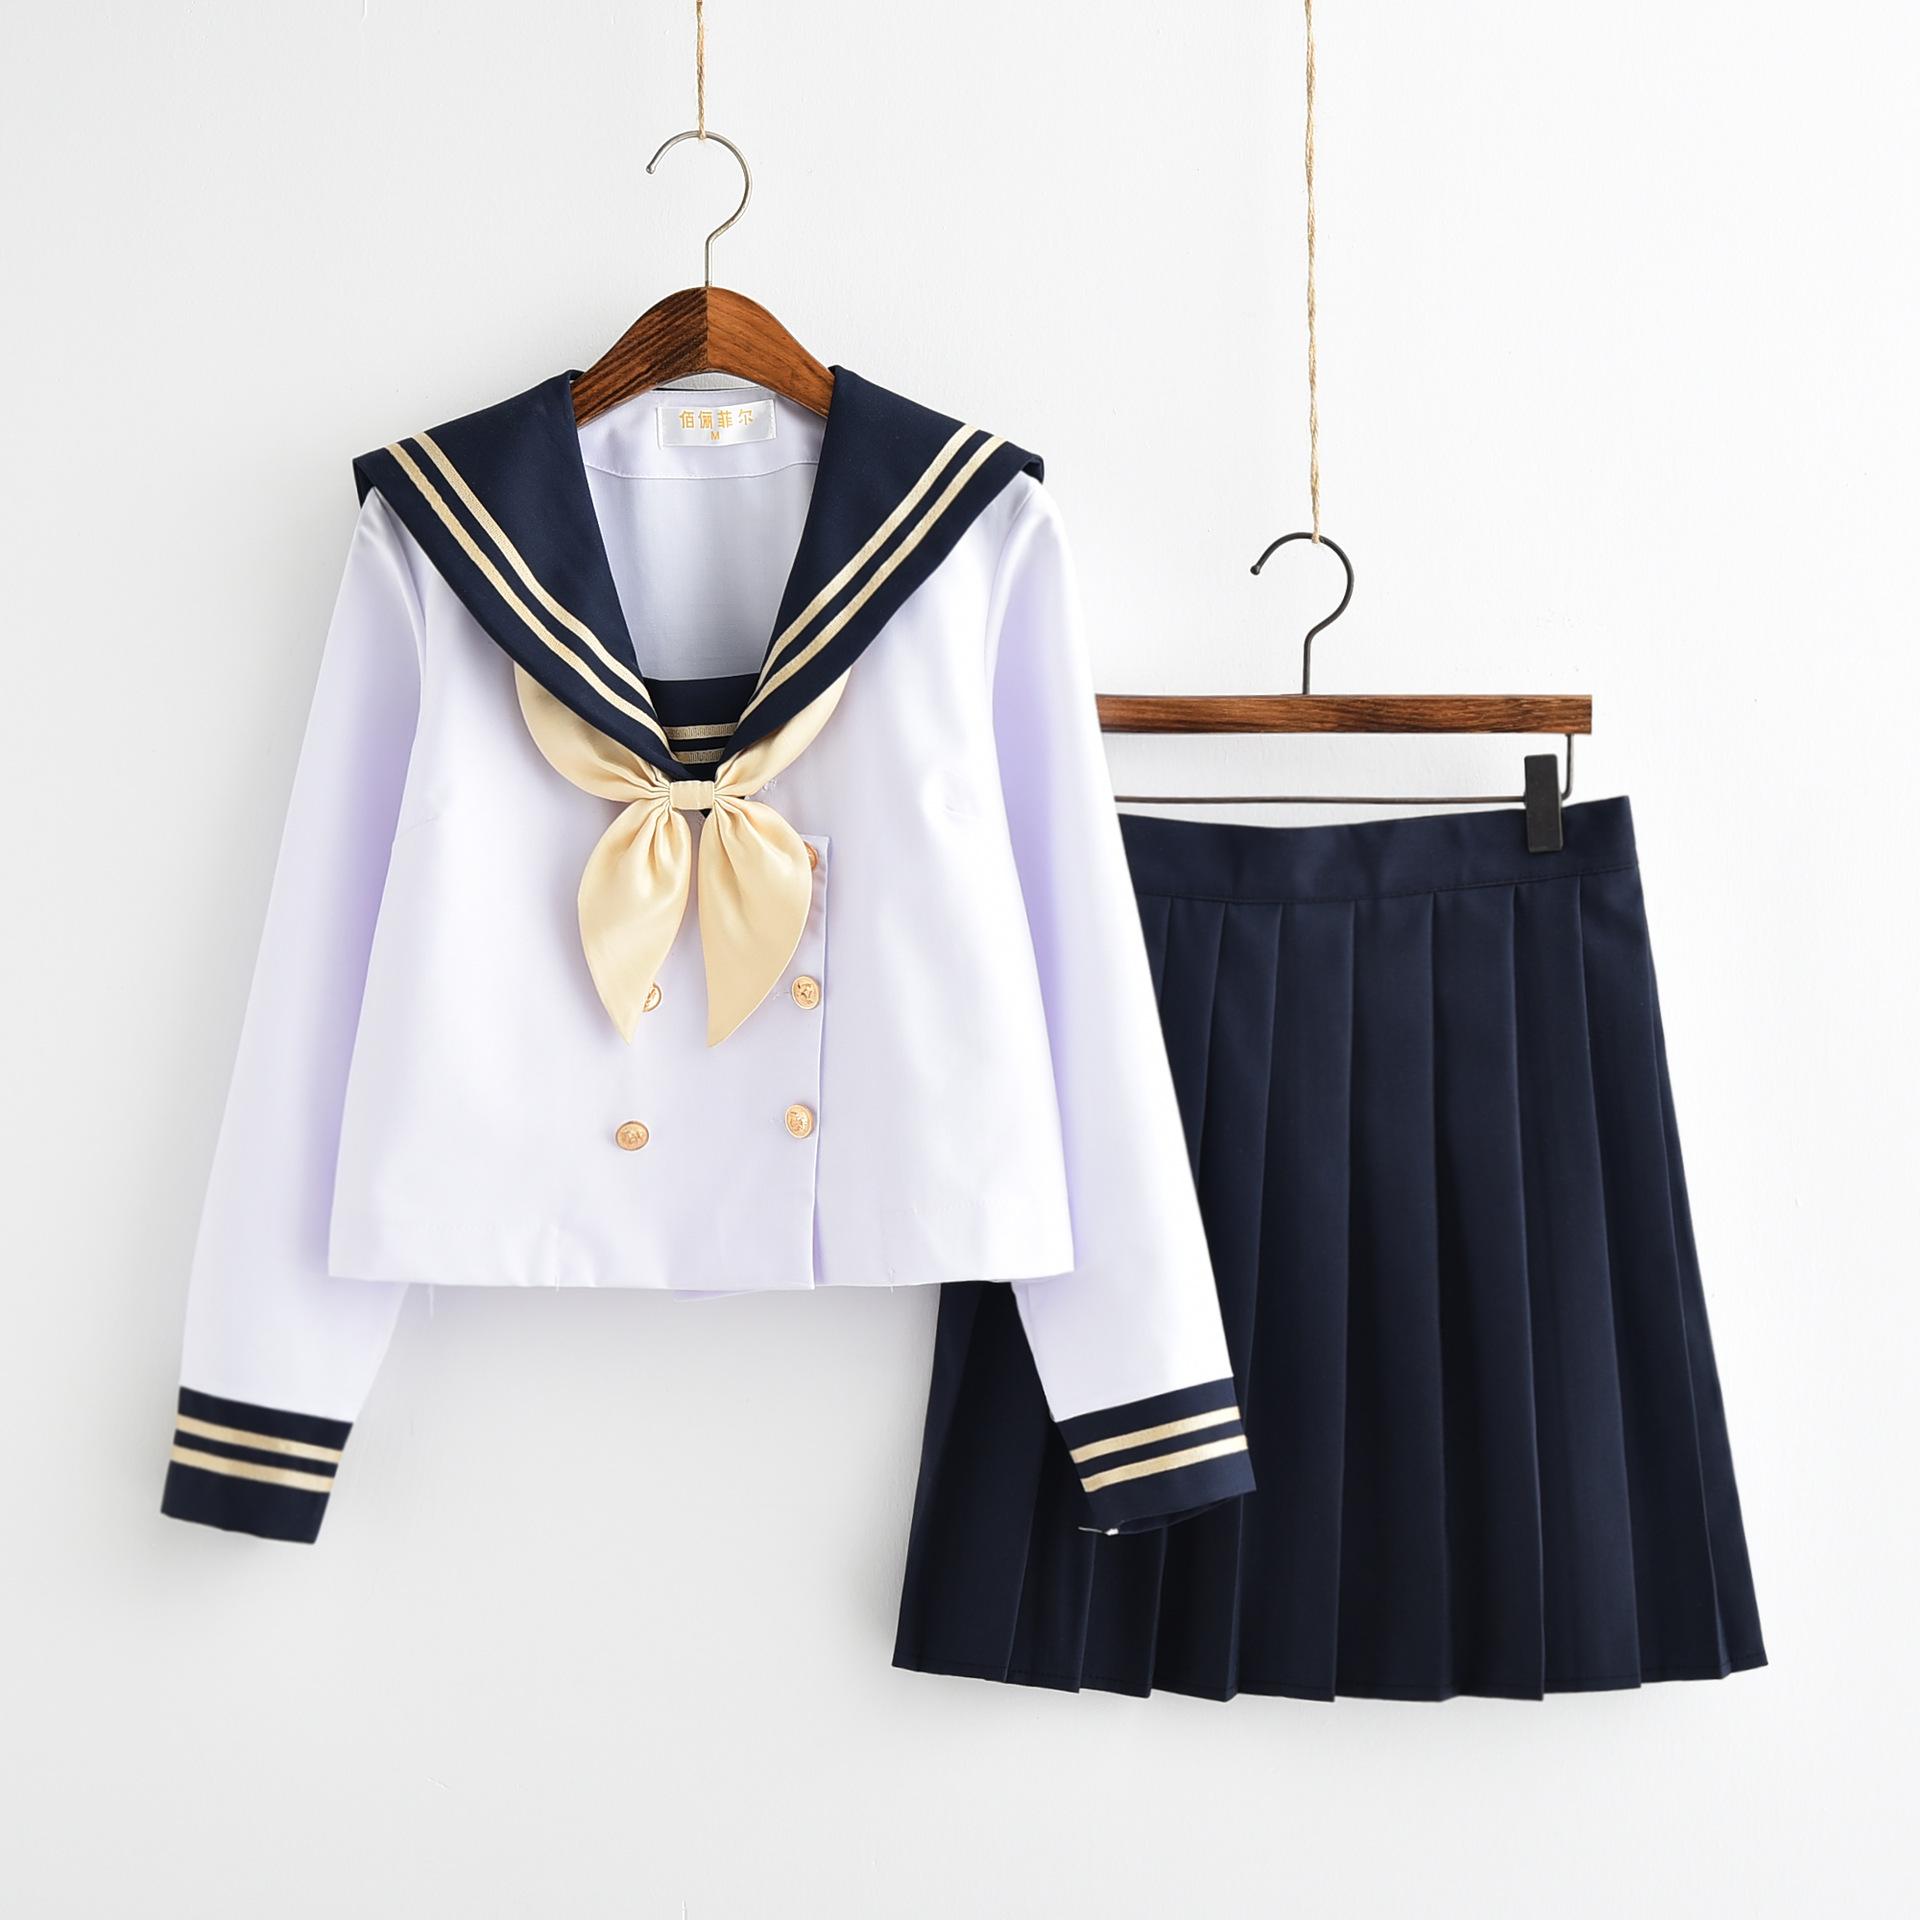 (用1元券)日系JK制服软妹裙双排扣二本海军风水手服校服班服学生学院风套装